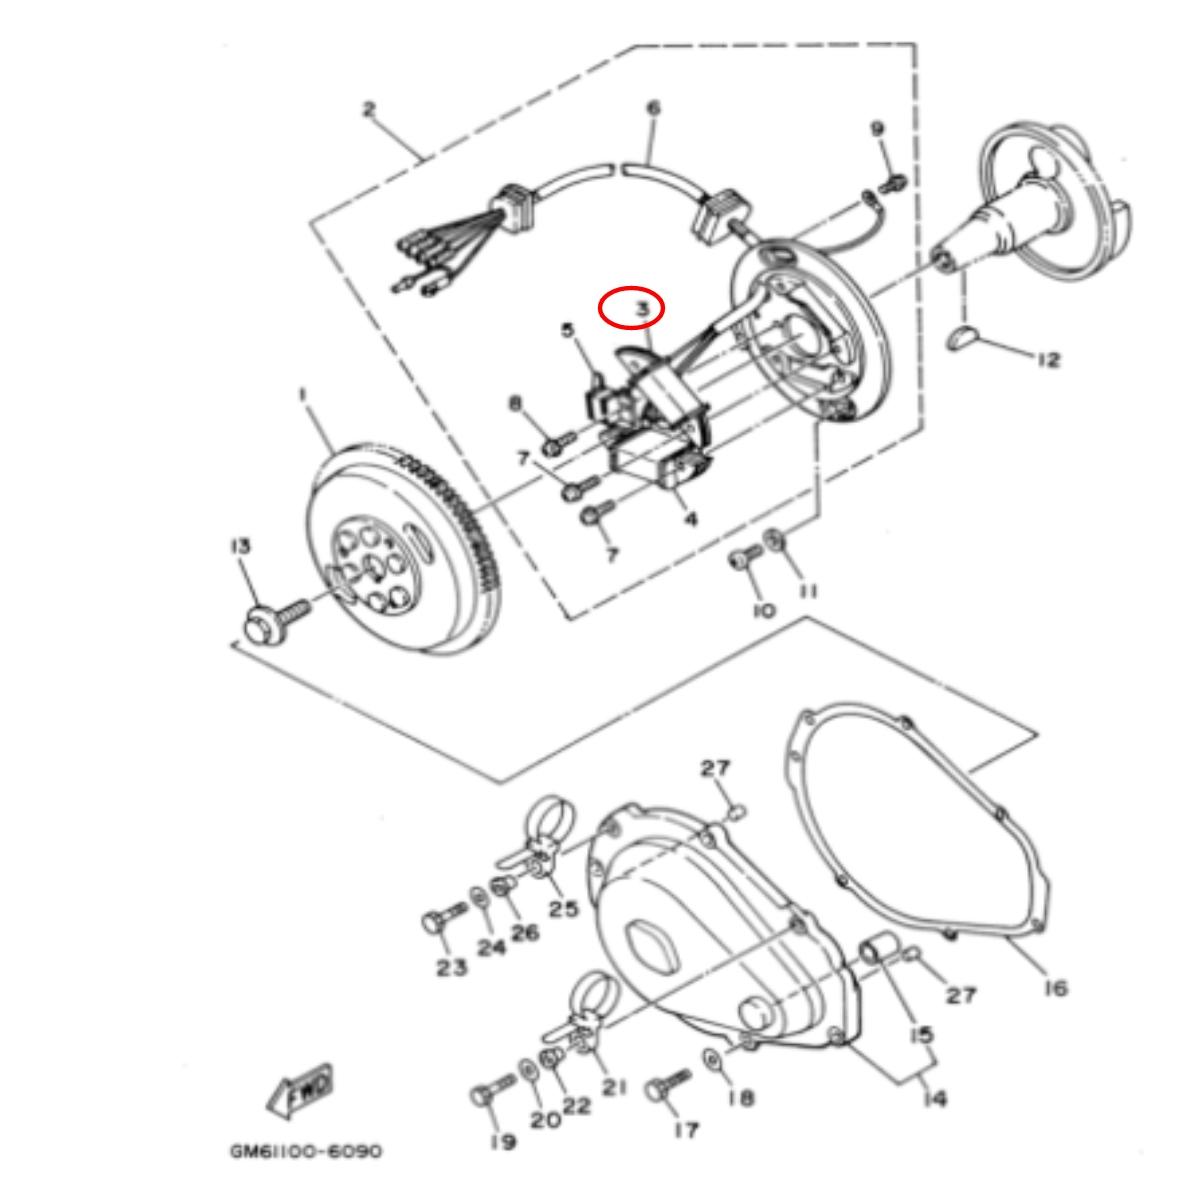 Bobina Carga para Jet Ski Yamaha Raider 700  - Radical Peças - Peças para Jet Ski